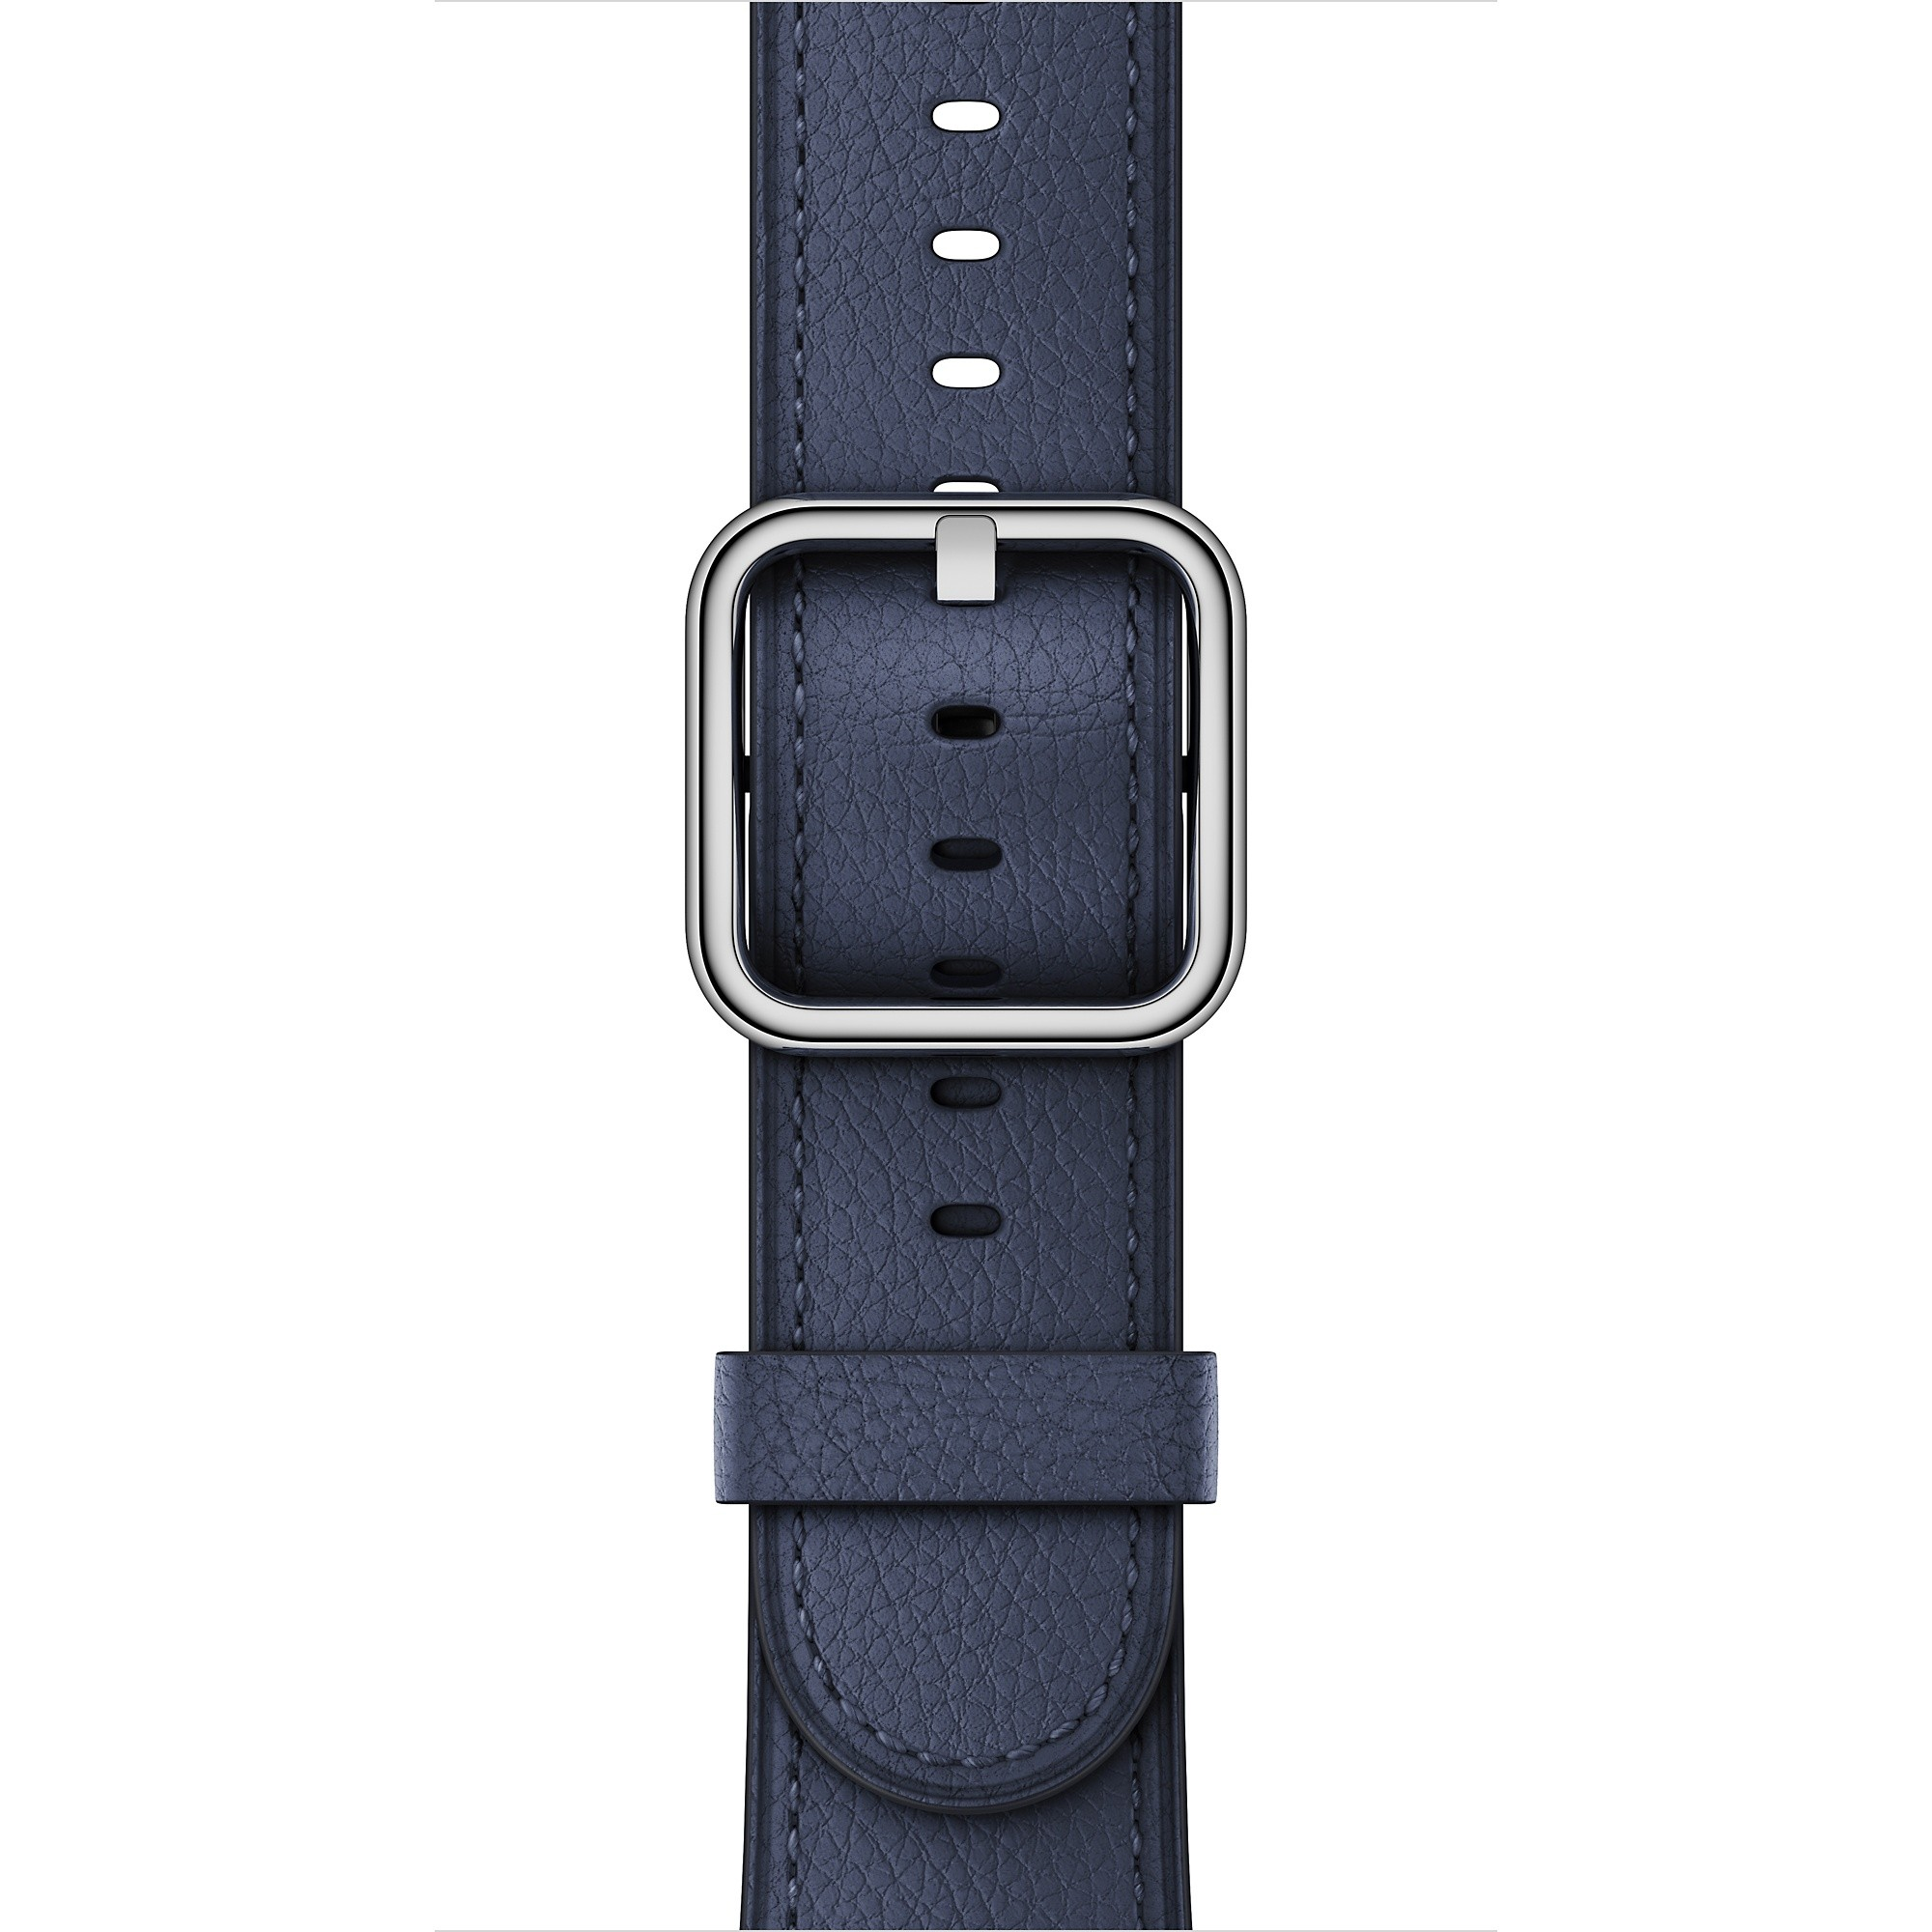 Apple - 42mm půlnočně modrý řemínek s klasickou přezkou